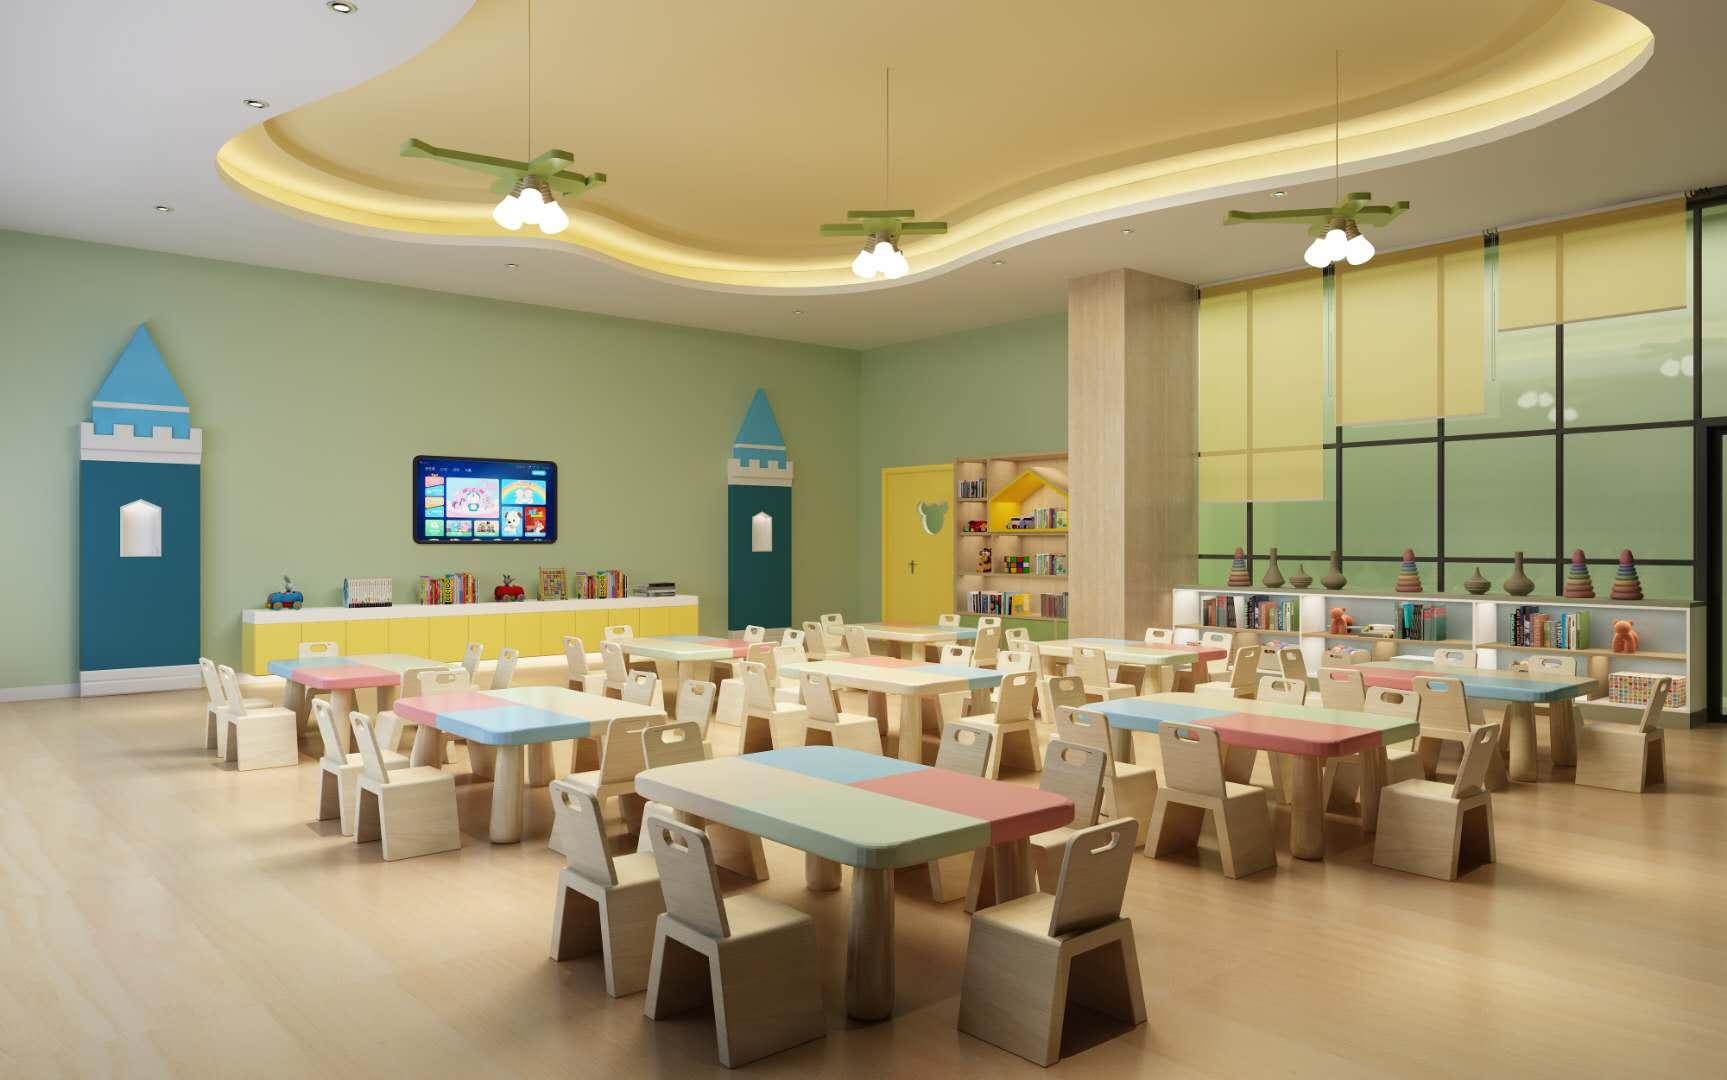 重庆幼儿园装修效果图